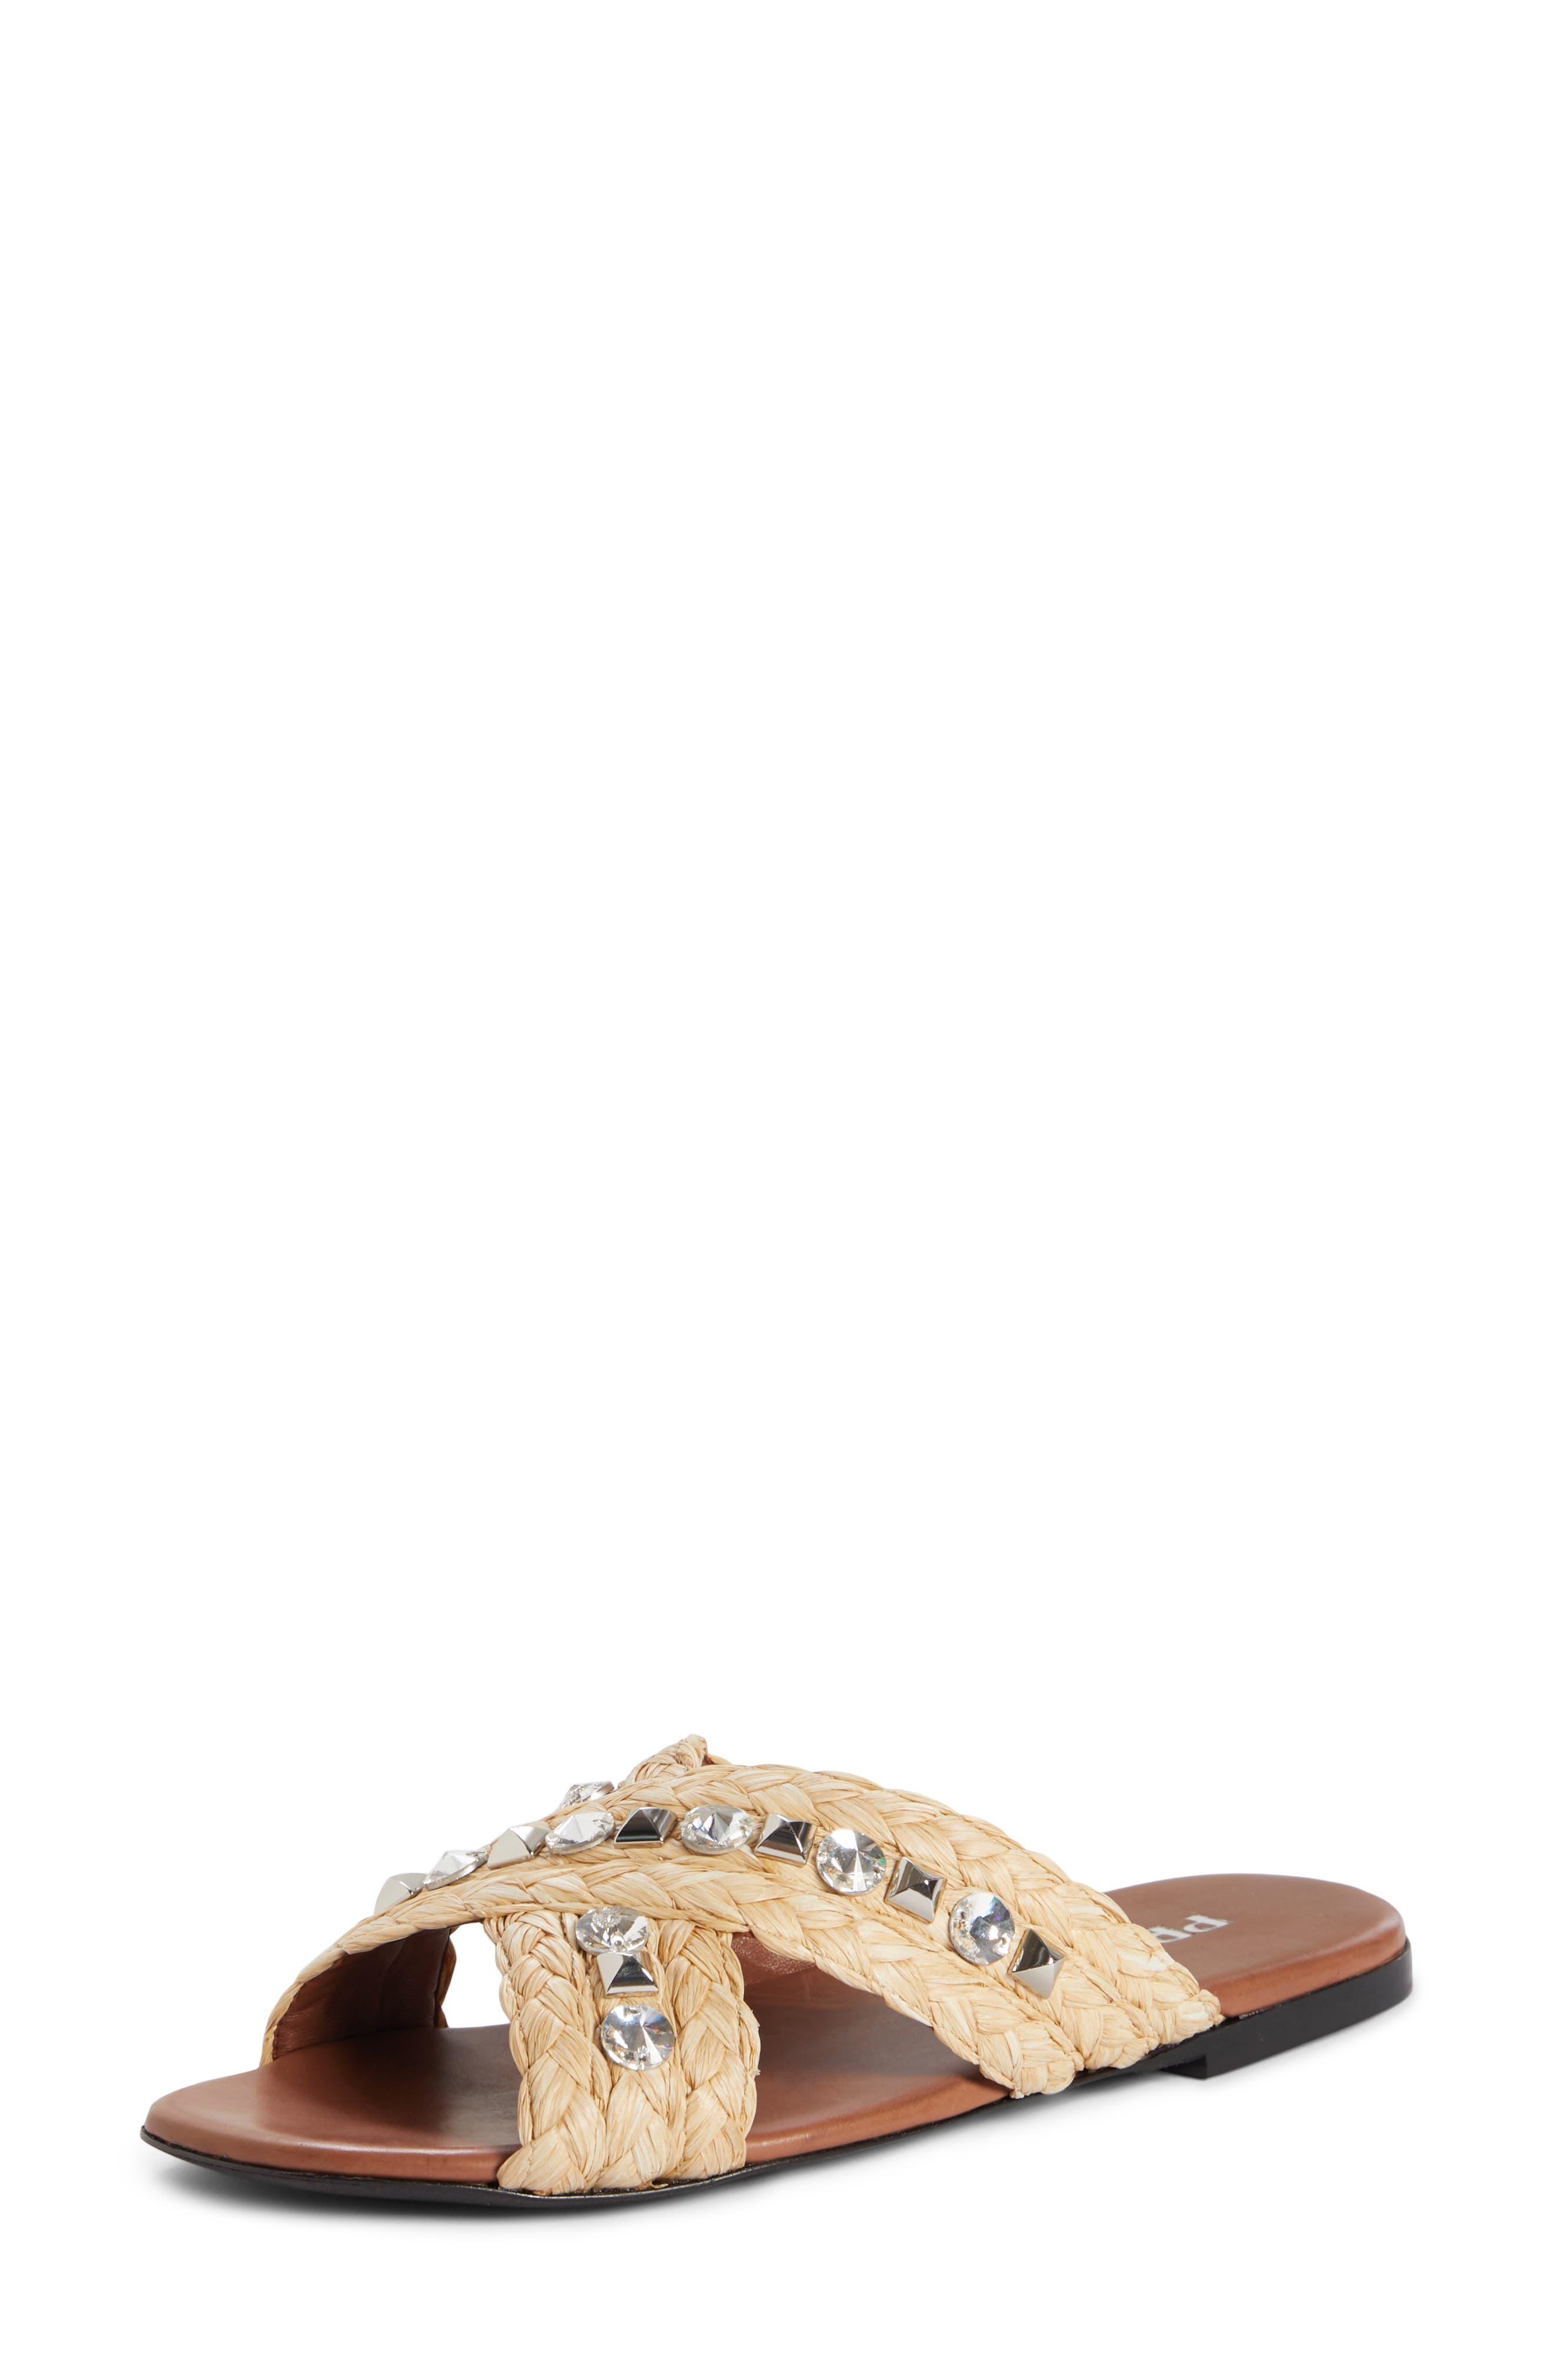 PRADA Embellished Slide Sandal, Main, color, NATURAL RAFFIA